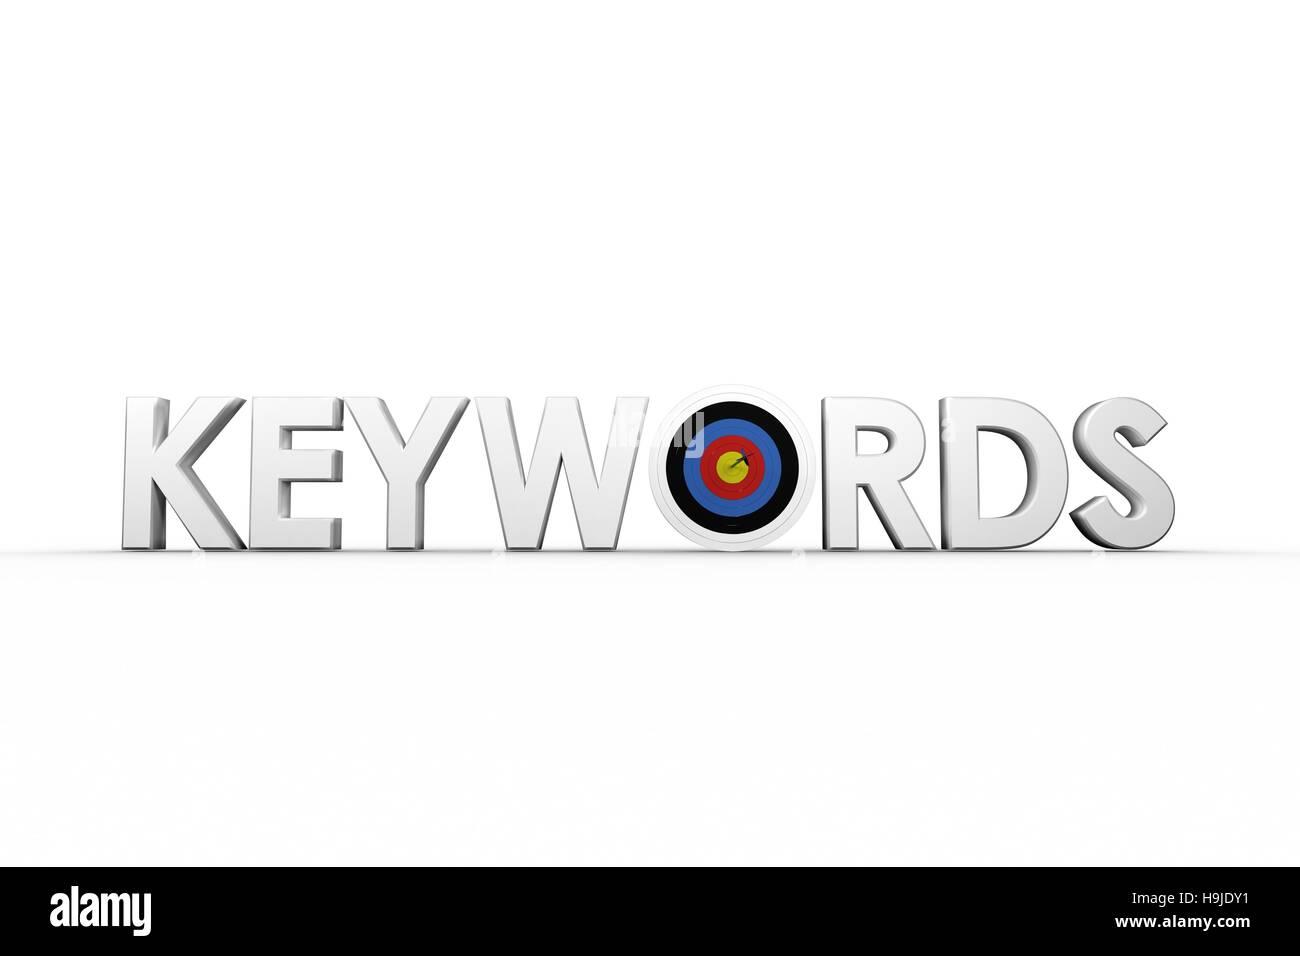 Image d'illustration du mot mots-clés Photo Stock